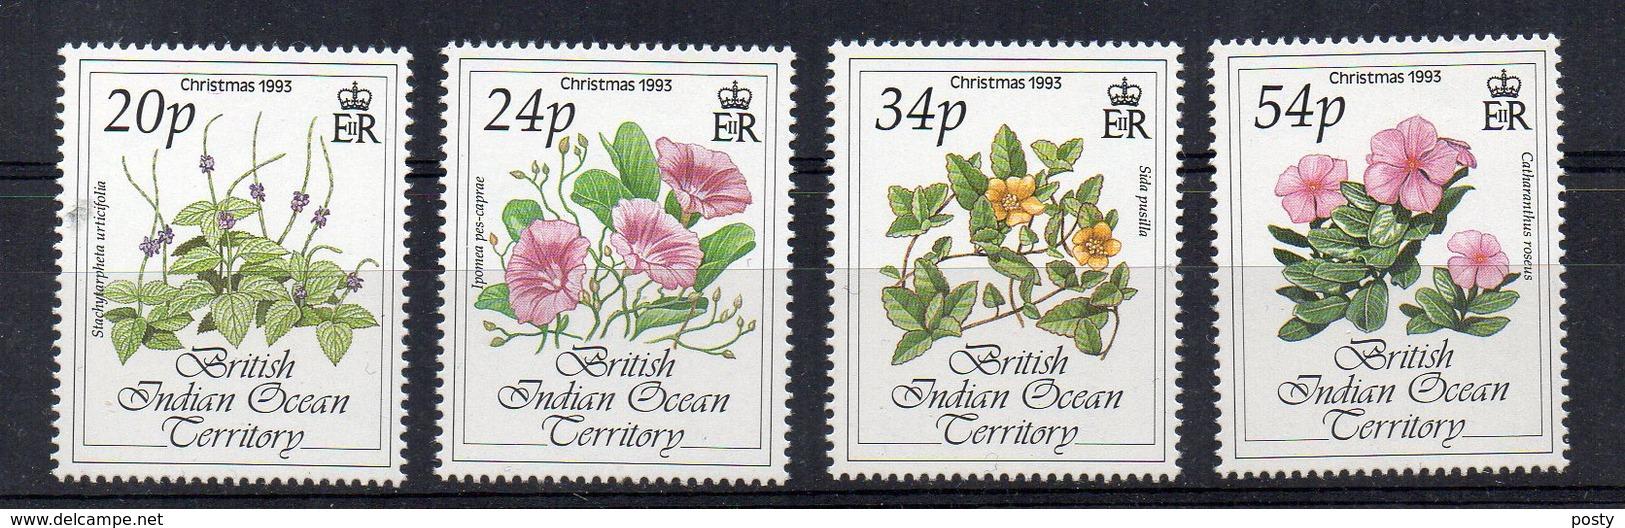 TERRITOIRE BRITANNIQUE DE L'OCEAN INDIEN - BRITISH INDIAN OCEAN TERRITORY - FLEURS - FLOWERS - 1993 - - Territoire Britannique De L'Océan Indien